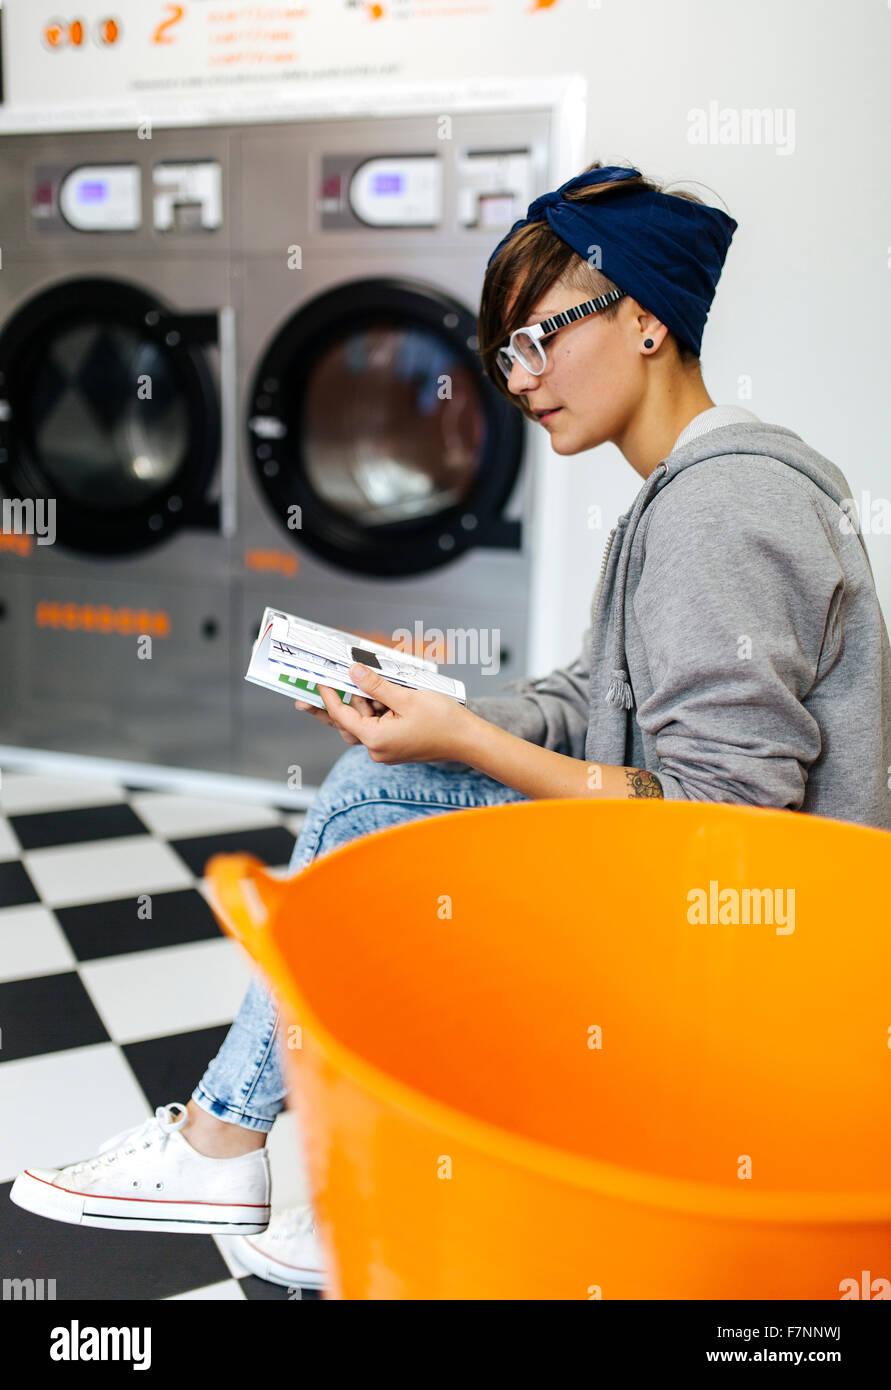 Junge Frau liest Comic-Strip in einen Waschsalon Stockbild